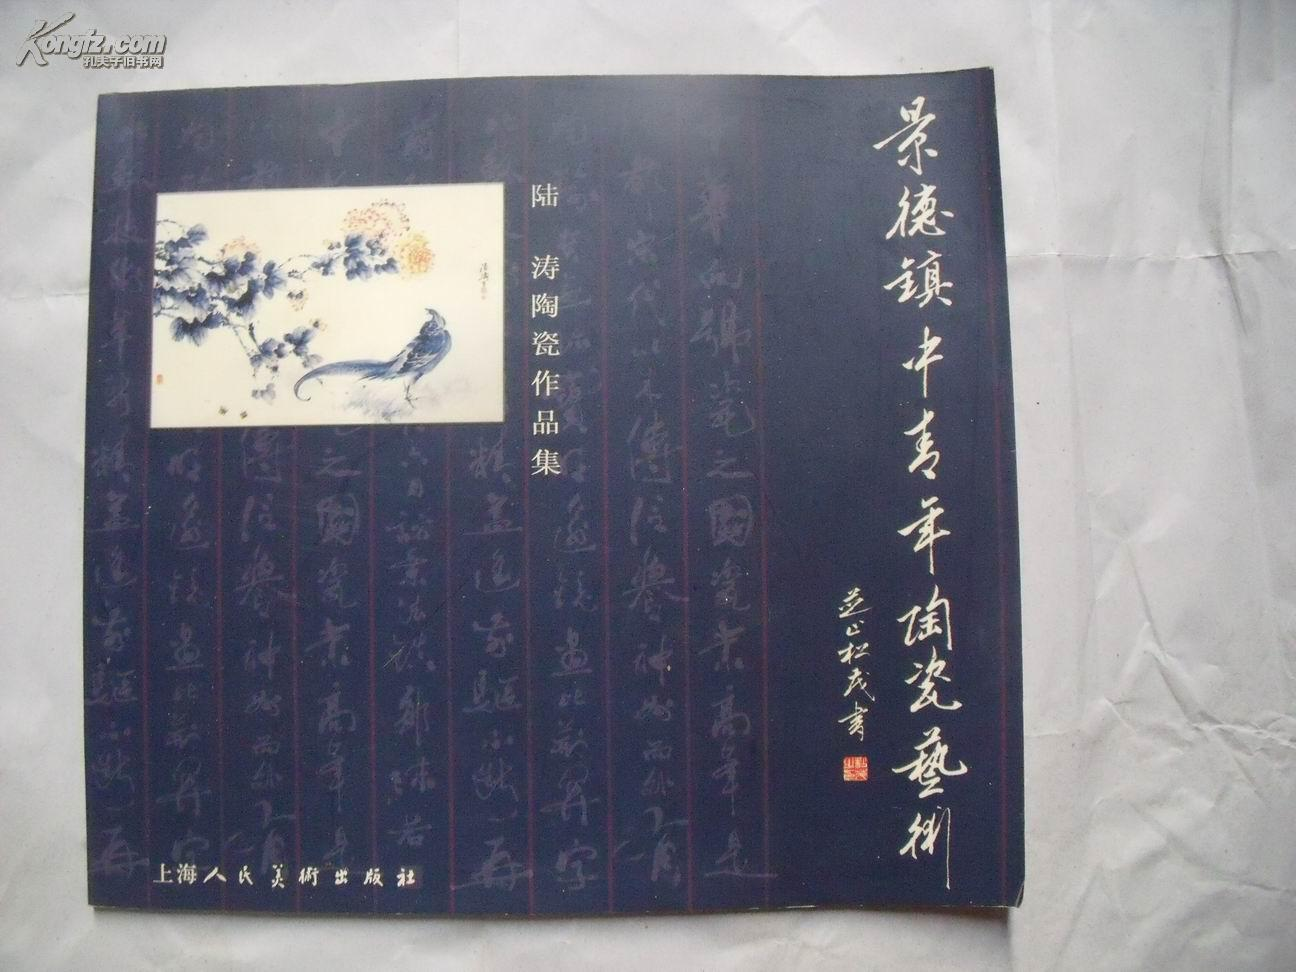 23254《景德镇中青年陶瓷艺术》 陆涛陶瓷作品集  一版一印,仅印2000册